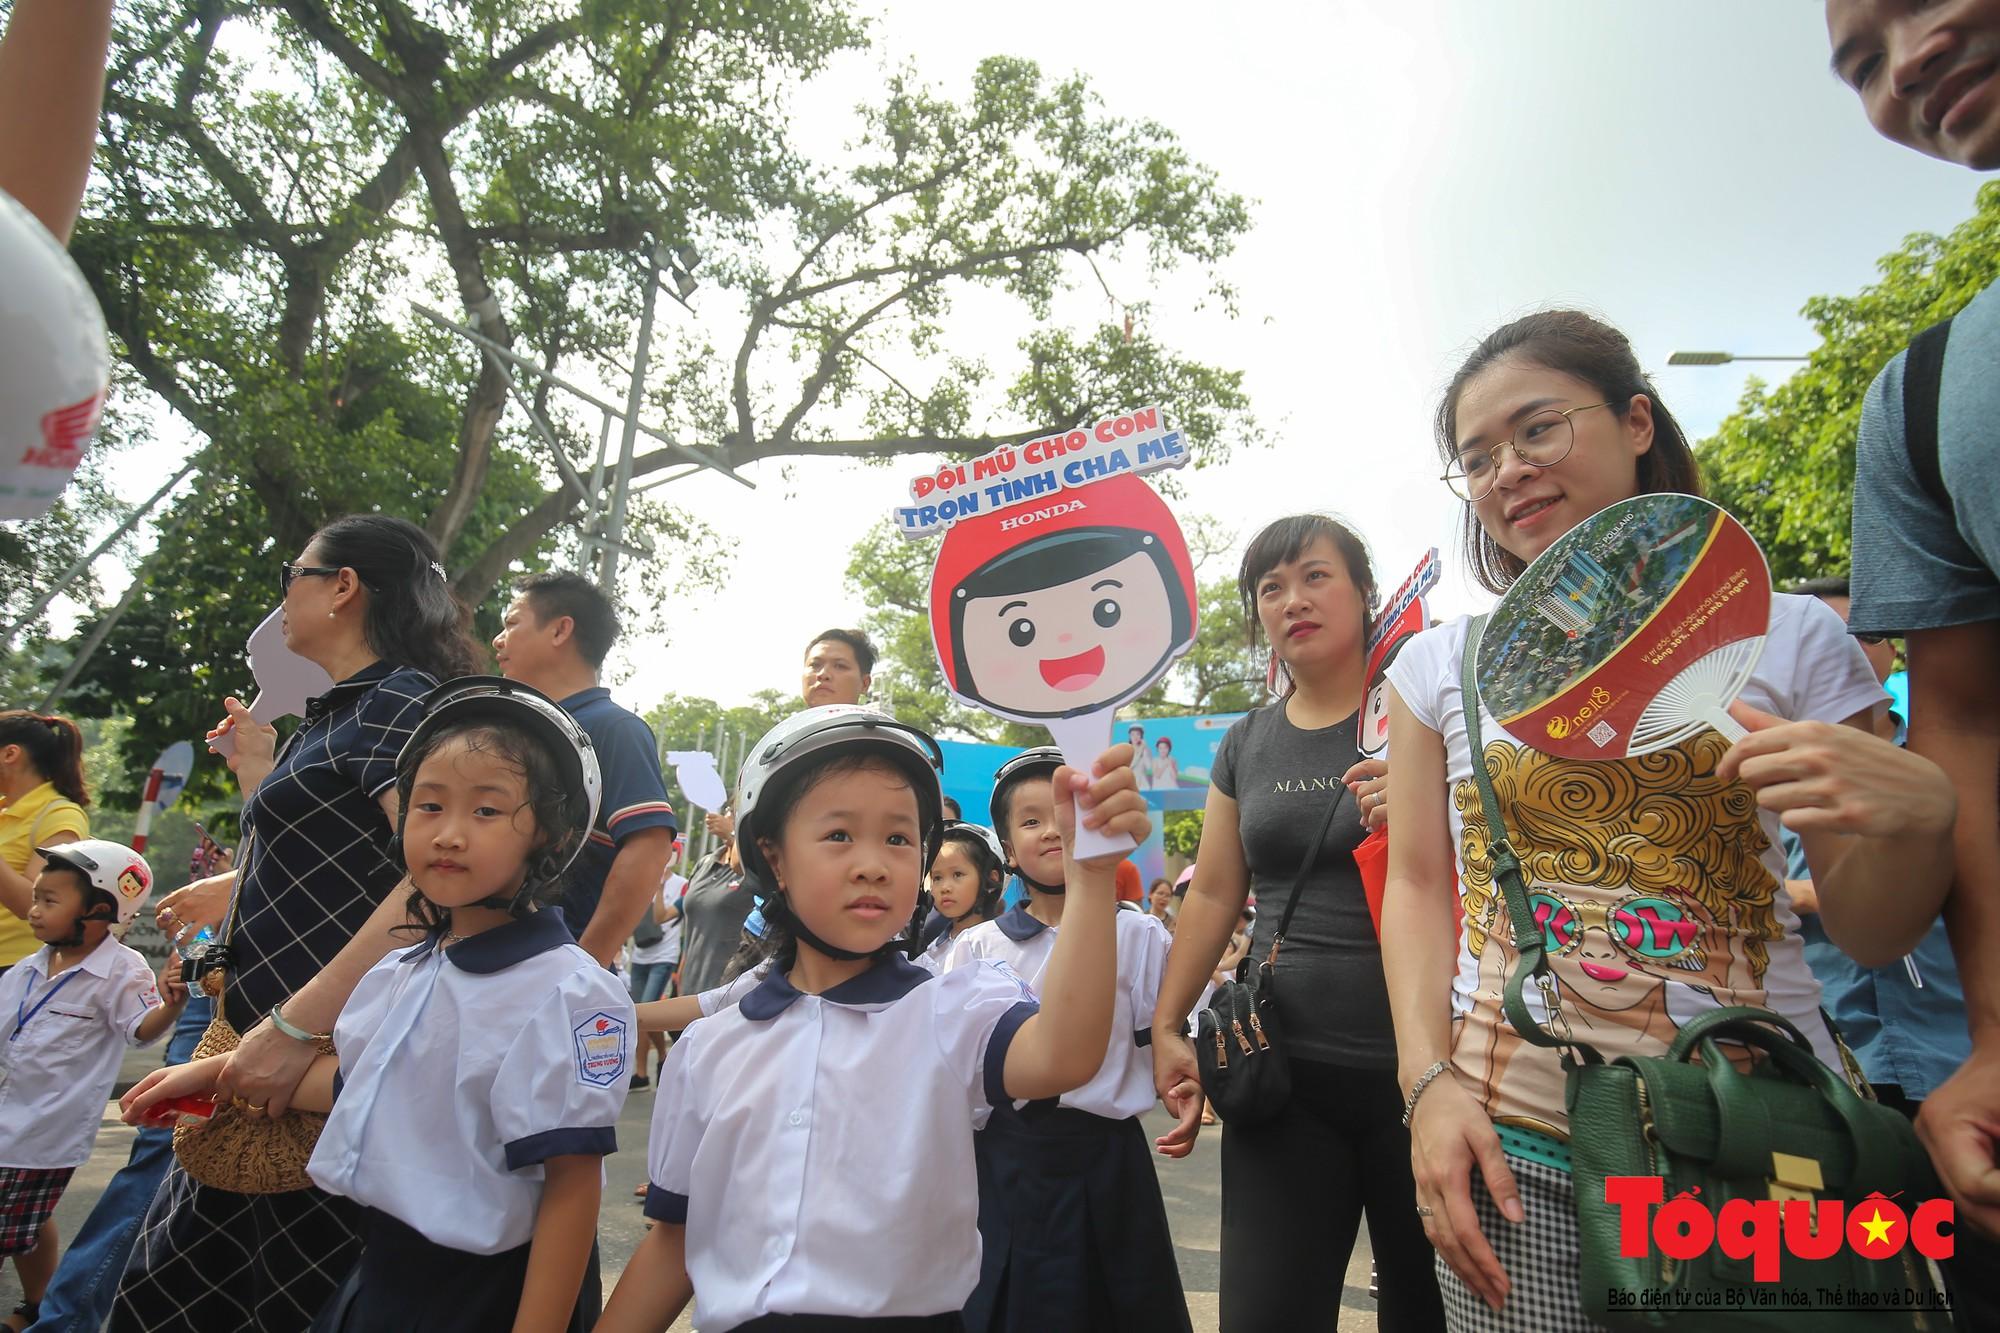 """Gần 4000 em nhỏ cùng gia đình đi bộ vận động toàn dân""""Đội mũ bảo hiểm cho trẻ em"""" (12)"""